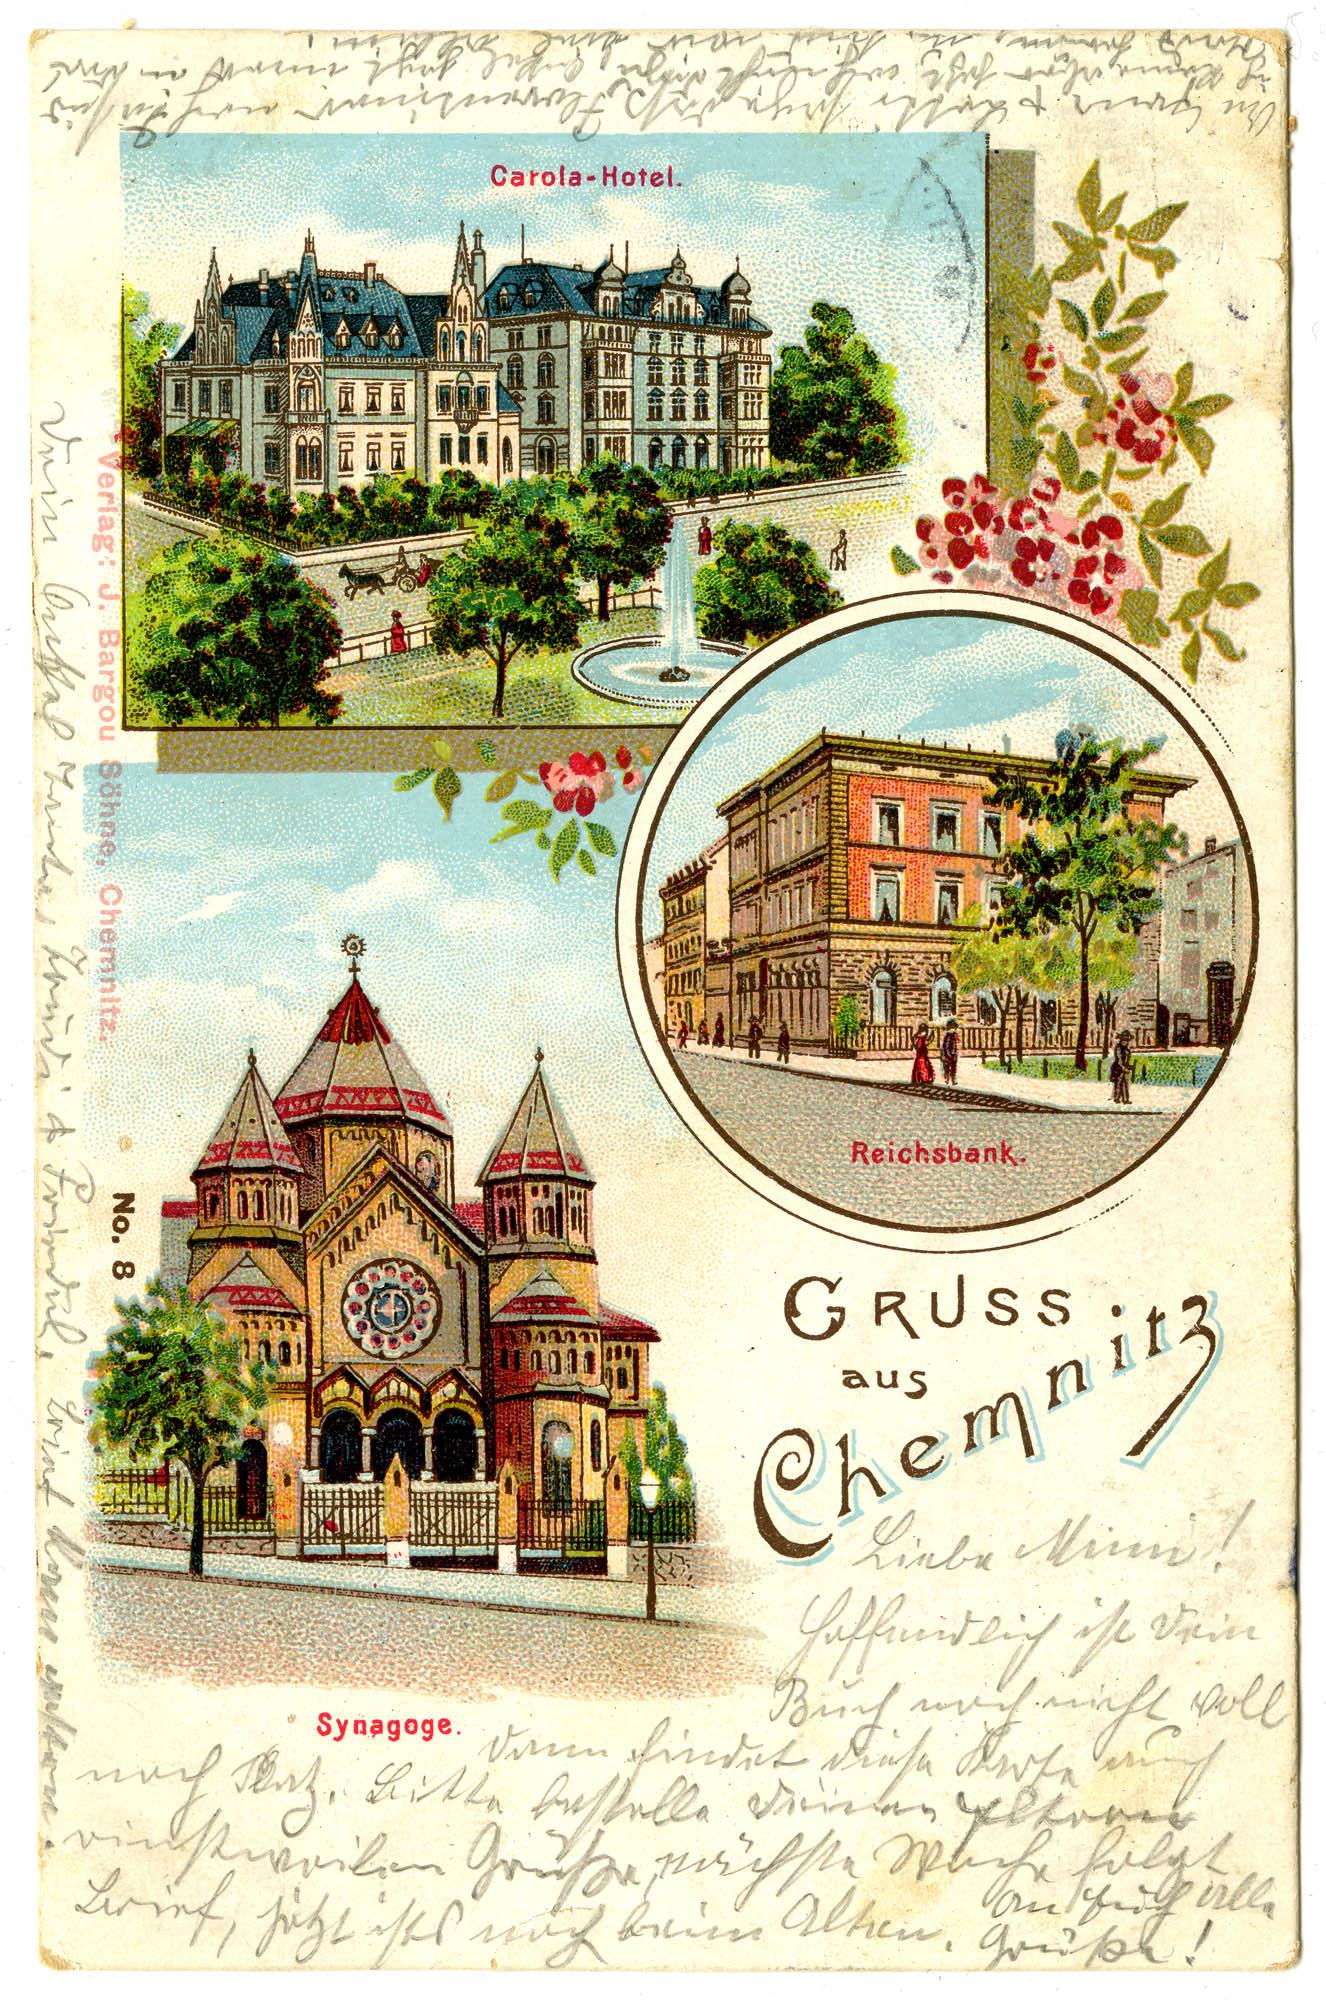 Gruss aus Chemnitz. Carola-Hotel. Reichsbank. Synagoge.